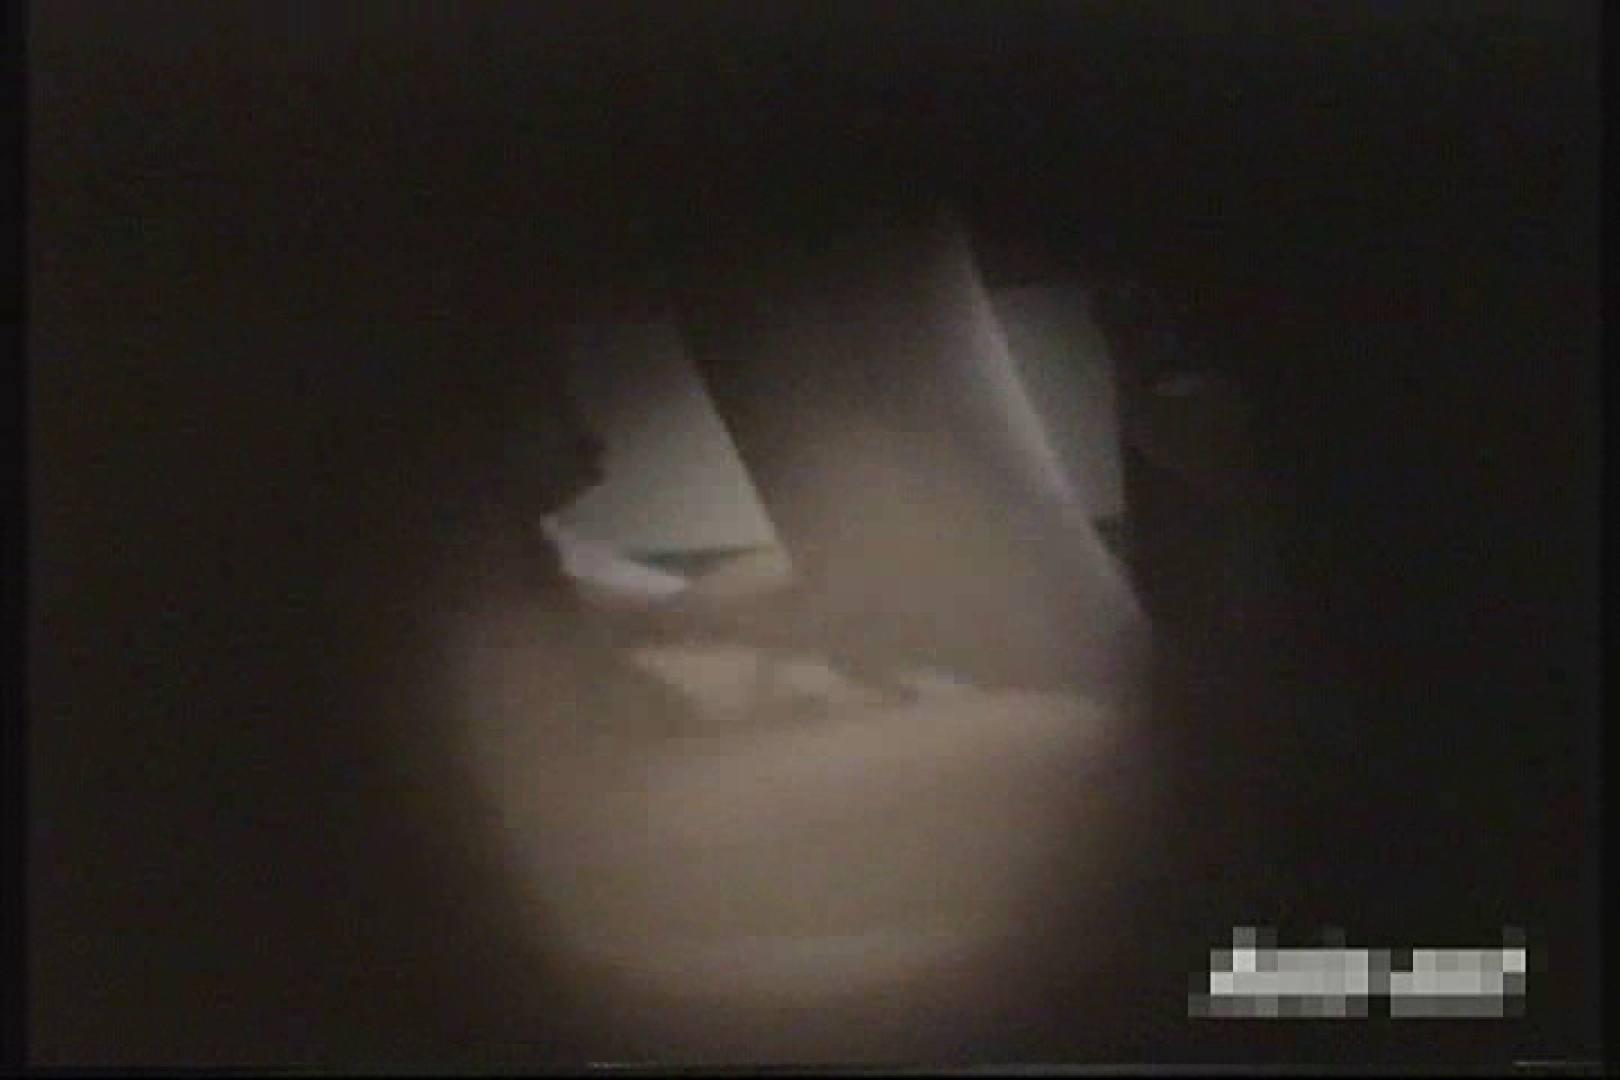 プライベートピーピング 欲求不満な女達Vol.6 女子寮 隠し撮りオマンコ動画紹介 74連発 31